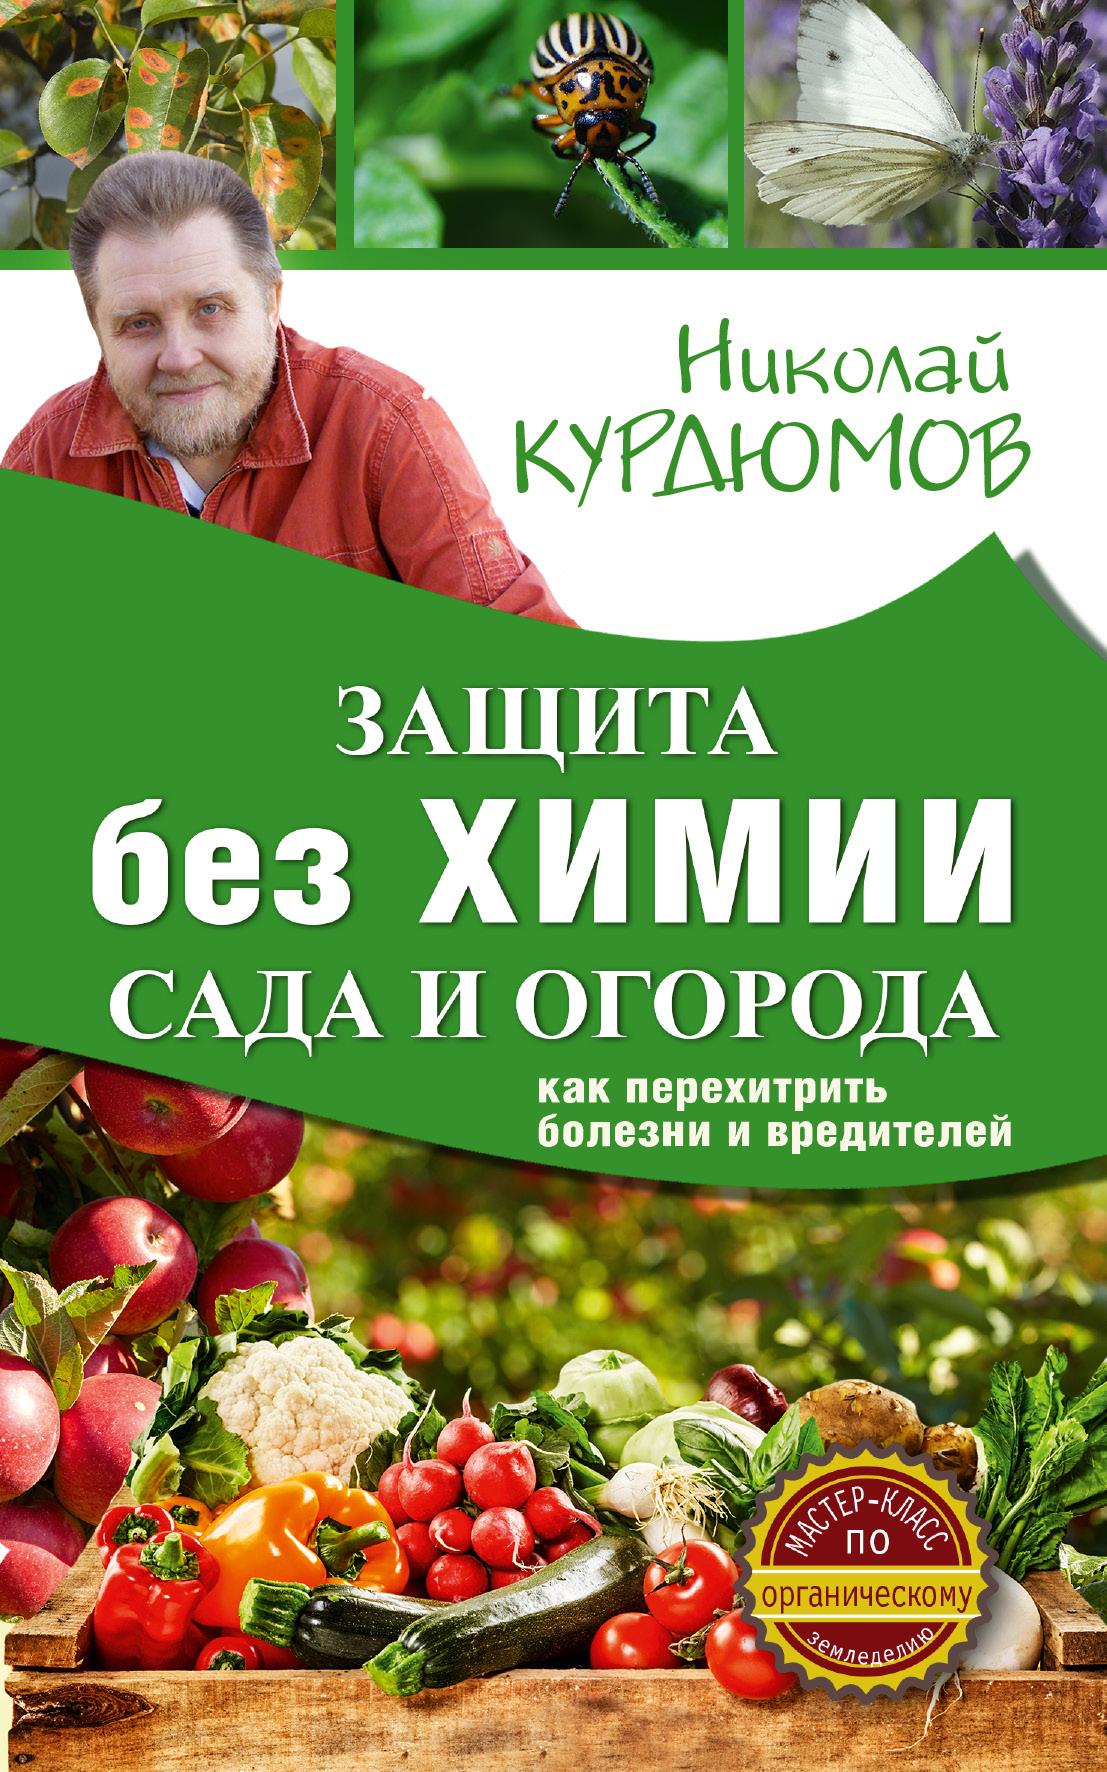 Курдюмов Николай Иванович Защита сада и огорода без химии. Как перехитрить болезни и вредителей